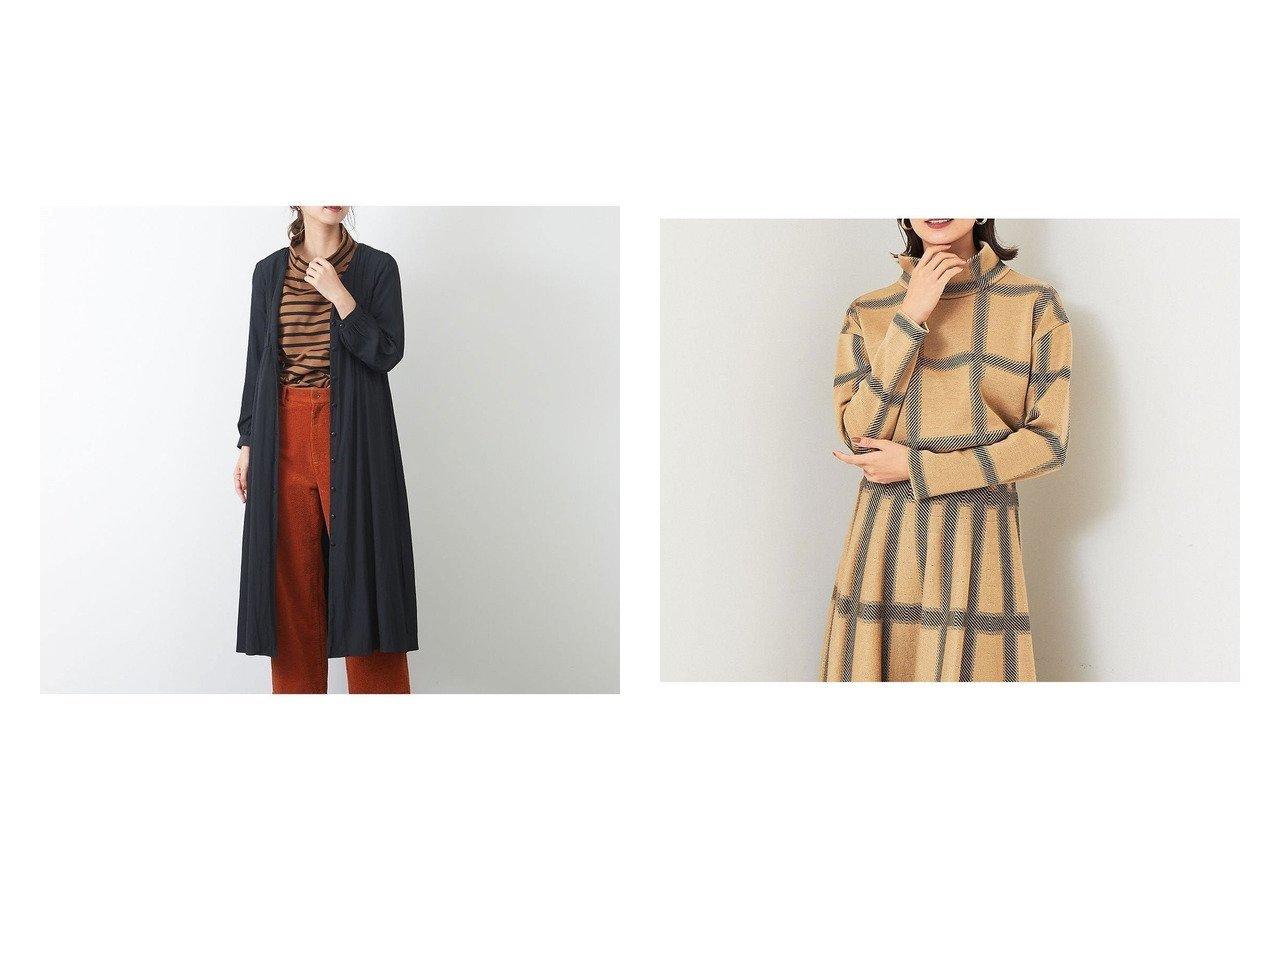 【Rouge vif la cle/ルージュヴィフラクレ】のドビーギャザーワンピース&【BRAHMIN】チェック柄ジャガードニット Rouge vif la cleのおすすめ!人気、トレンド・レディースファッションの通販  おすすめで人気の流行・トレンド、ファッションの通販商品 メンズファッション・キッズファッション・インテリア・家具・レディースファッション・服の通販 founy(ファニー) https://founy.com/ ファッション Fashion レディースファッション WOMEN ワンピース Dress トップス Tops Tshirt ニット Knit Tops A/W 秋冬 AW Autumn/Winter / FW Fall-Winter ギャザー フィット リボン 2020年 2020 2020-2021 秋冬 A/W AW Autumn/Winter / FW Fall-Winter 2020-2021 アクリル サロペット セットアップ チェック モックネック  ID:crp329100000017627